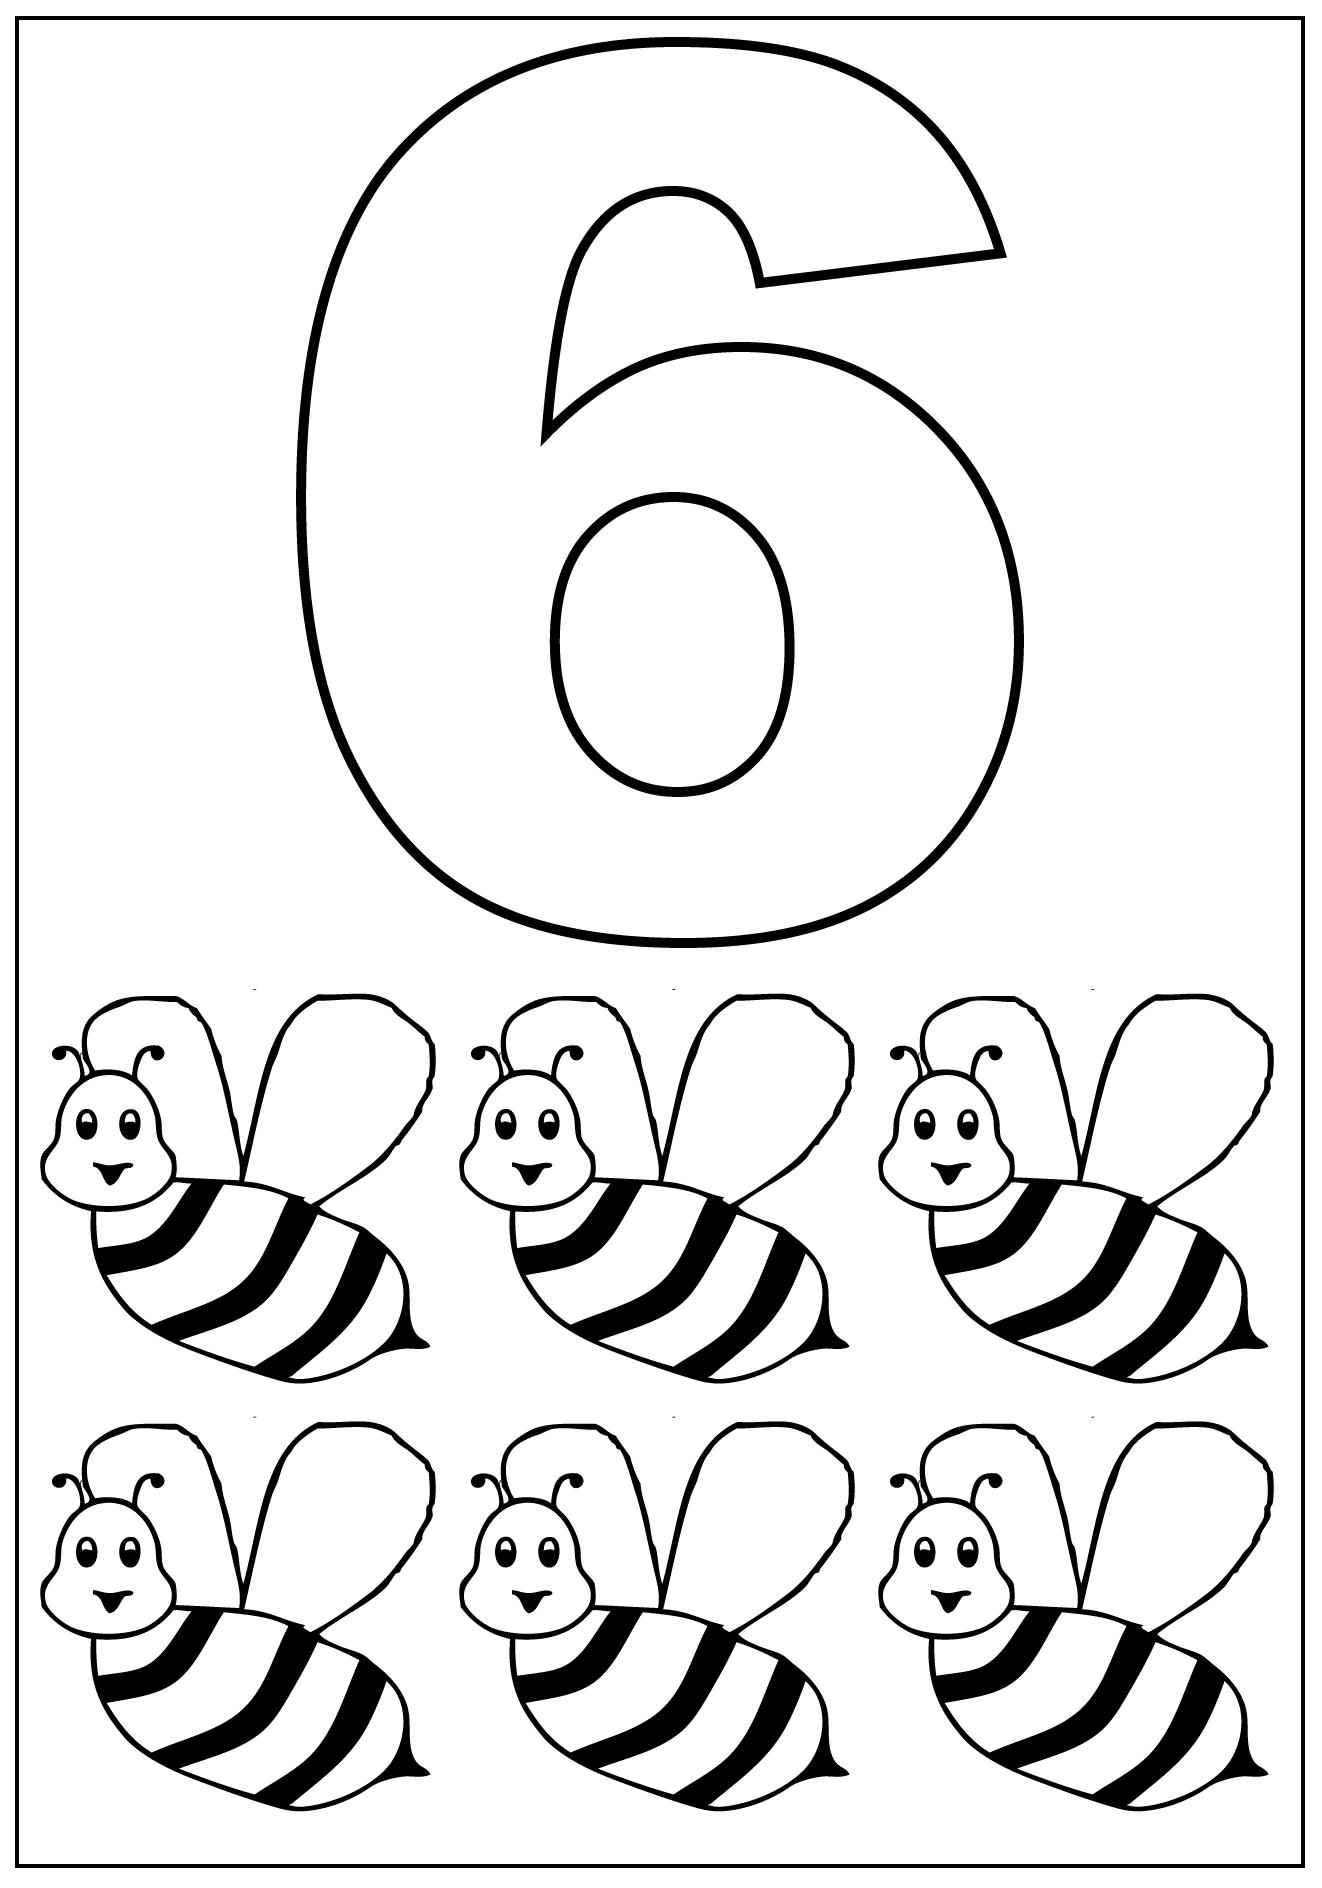 Kleurplaat Cijfer 6 Topkleurplaat Nl